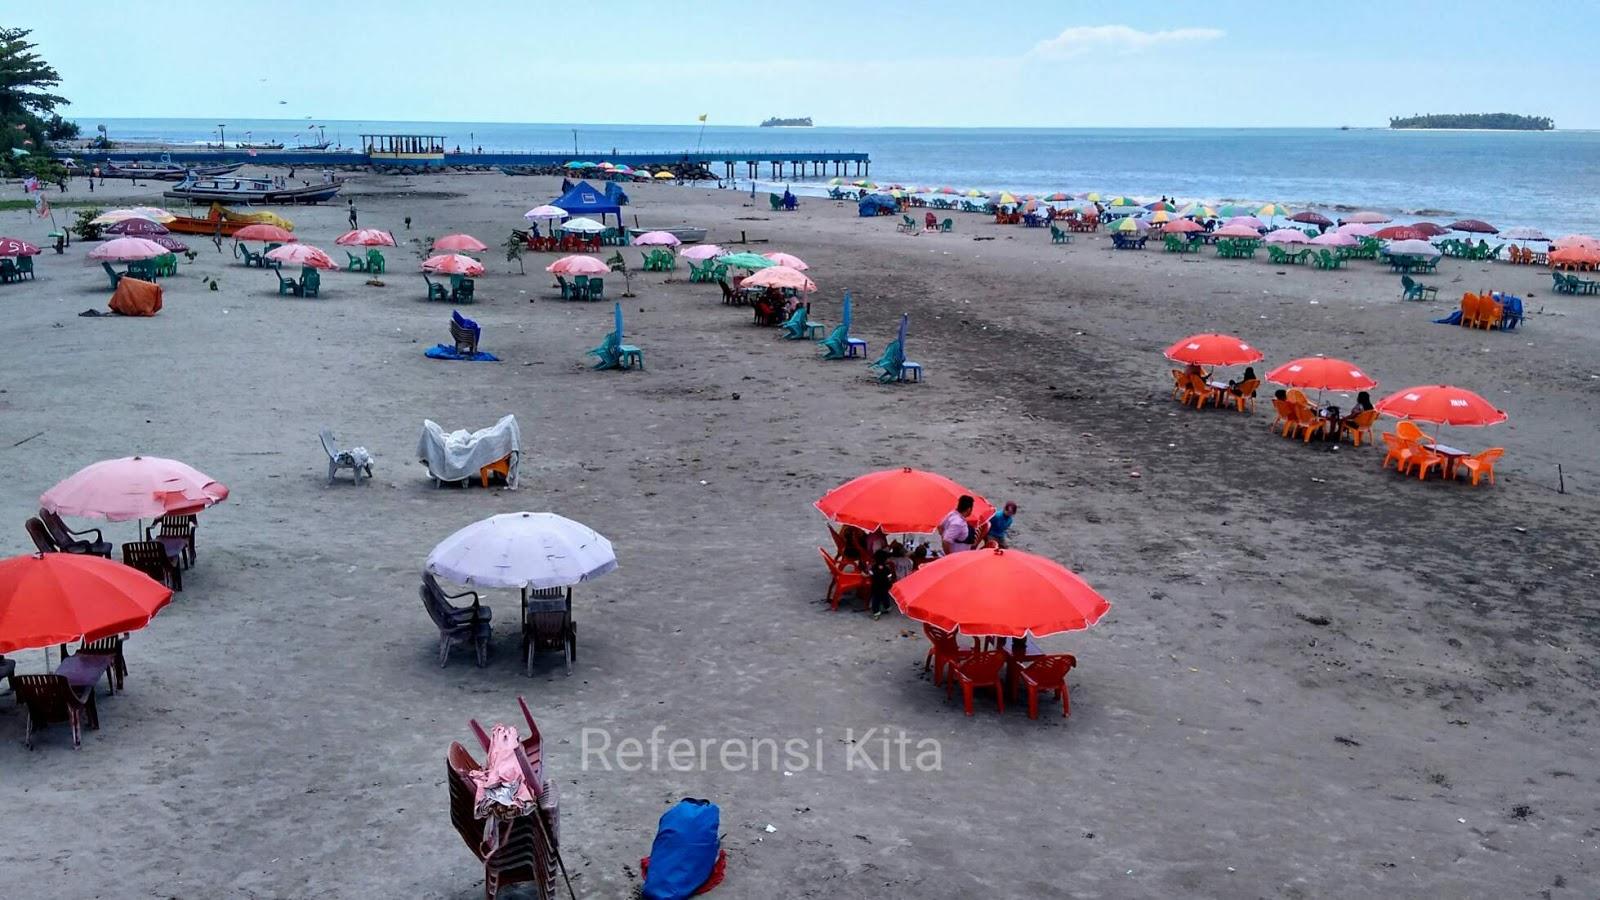 Untuk menikmati kuliner di Pantai Gandoriah bisa menggunakan payung untuk berteduh